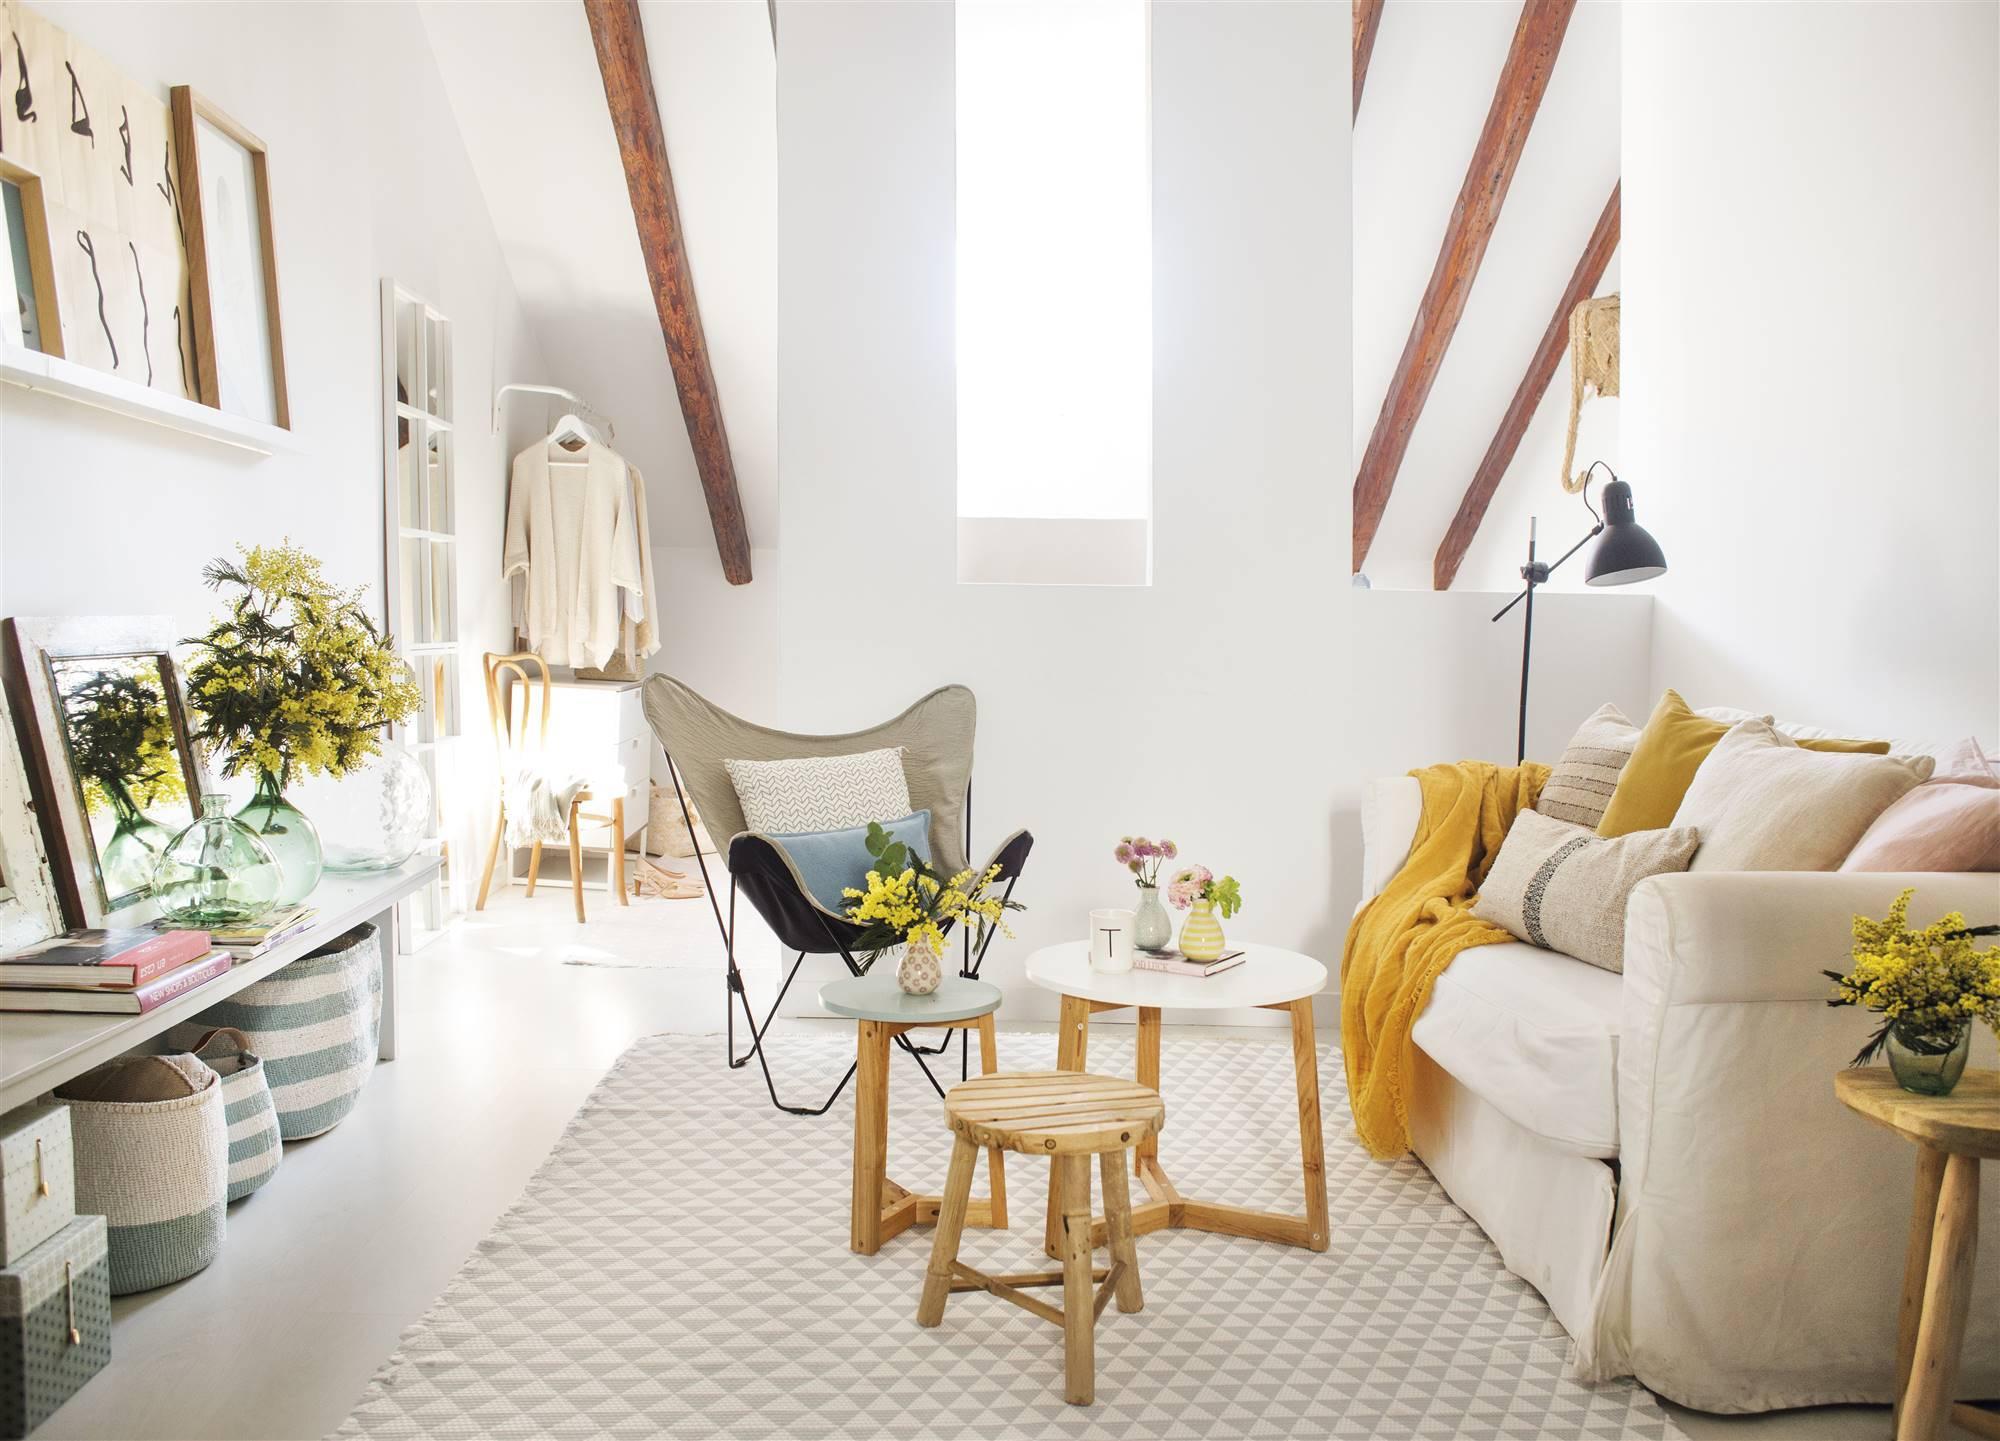 salon mini en blanco con mesas de madera y detalles decorativos en amarillo 00455273. Un salón mini con lo básico